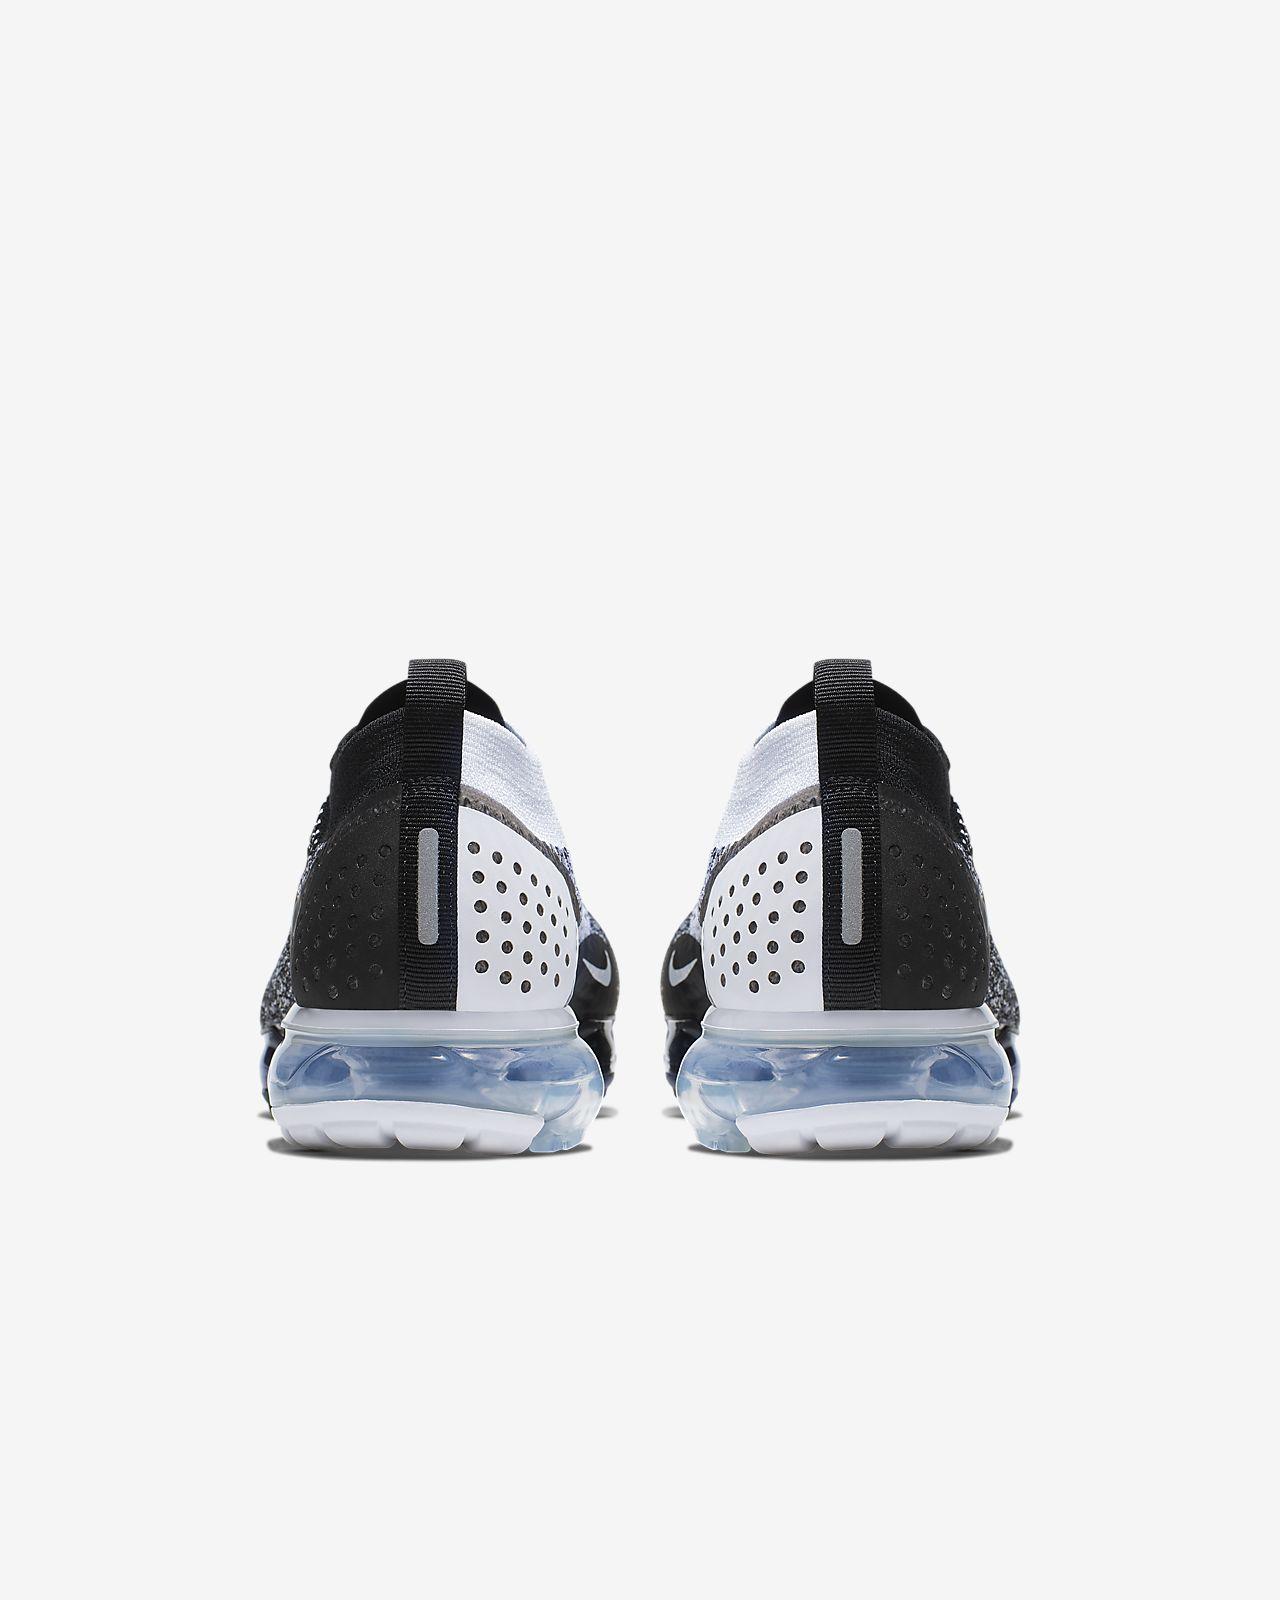 promo code b2b7b 15537 ... Nike Air VaporMax Flyknit 2 Shoe